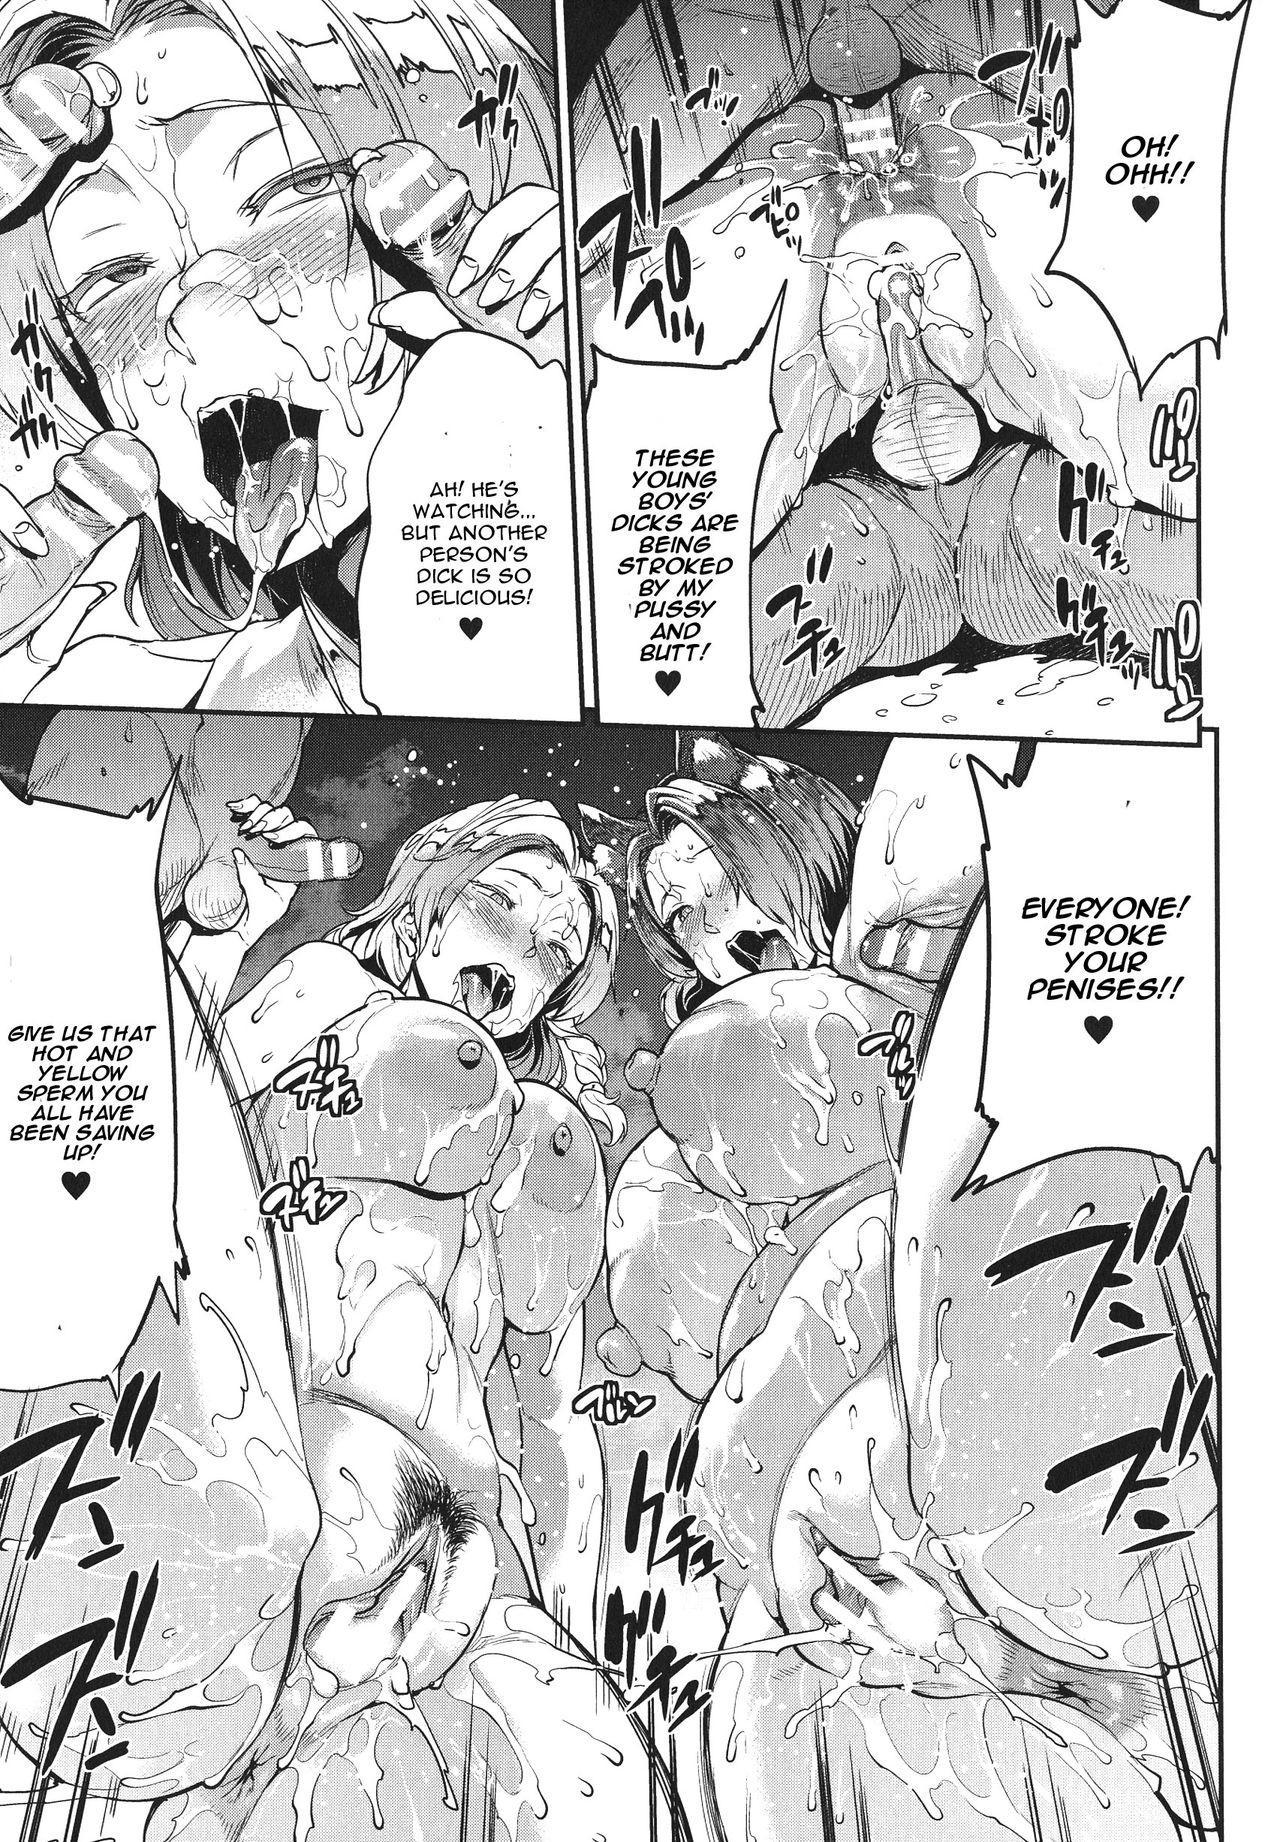 [Erect Sawaru] Raikou Shinki Igis Magia -PANDRA saga 3rd ignition- Ch. 1-6 [English] [CGrascal] 151